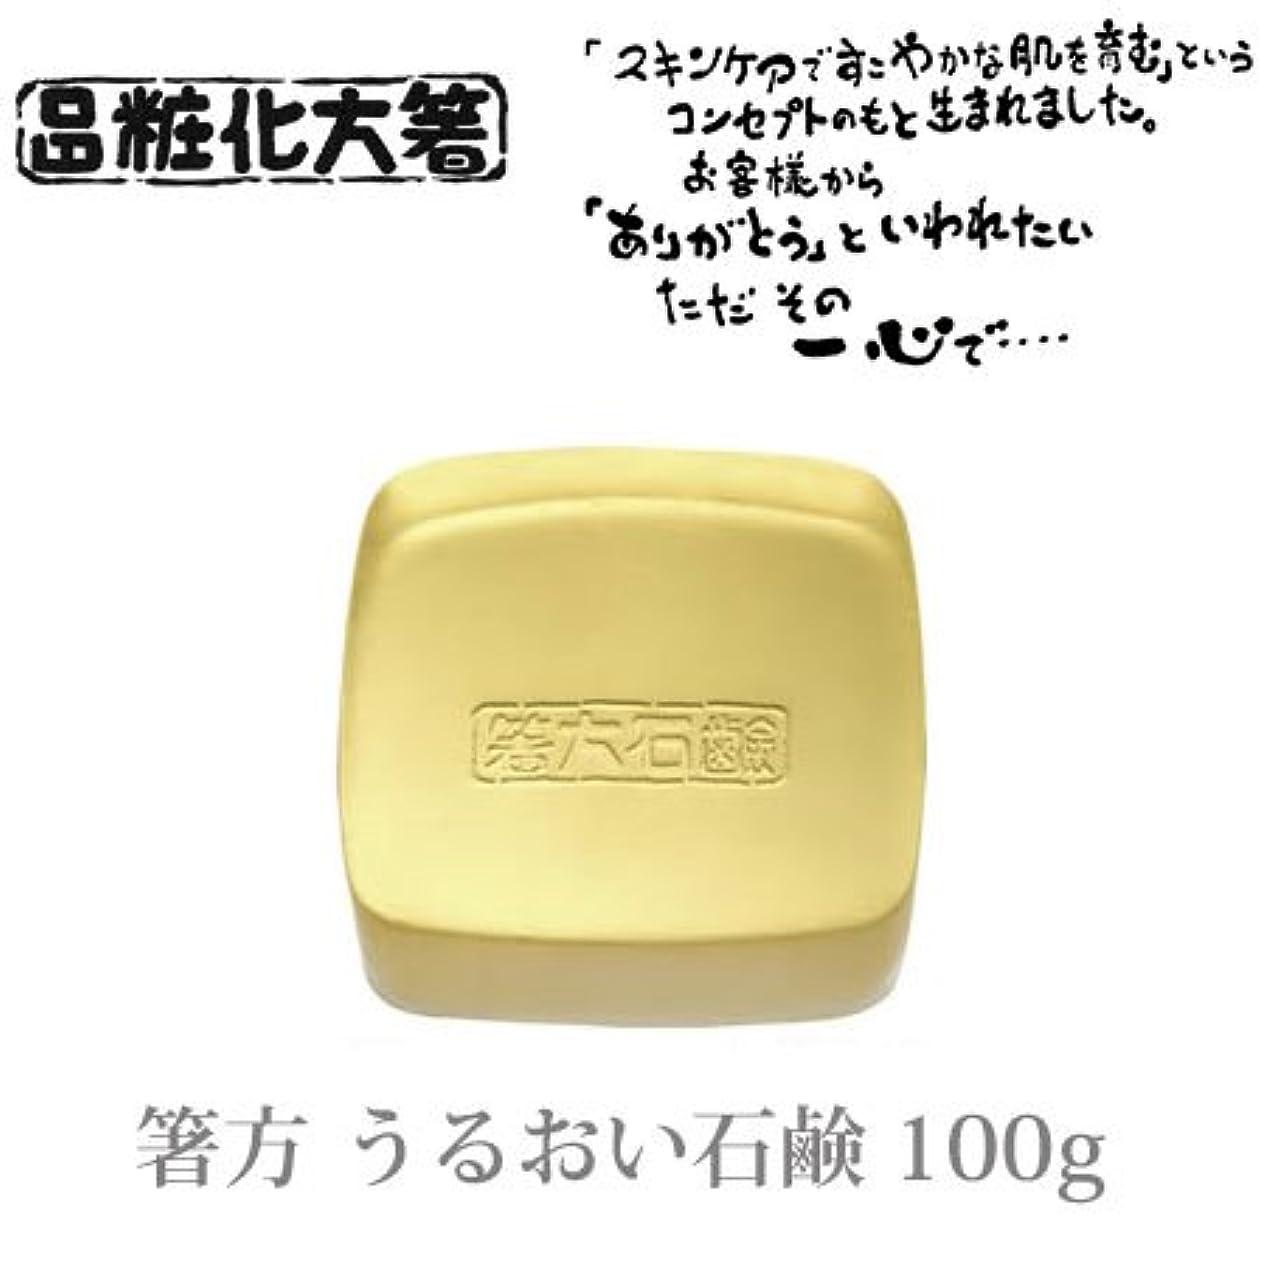 鮫タンカー権利を与える箸方化粧品 うるおい石鹸 100g はしかた化粧品